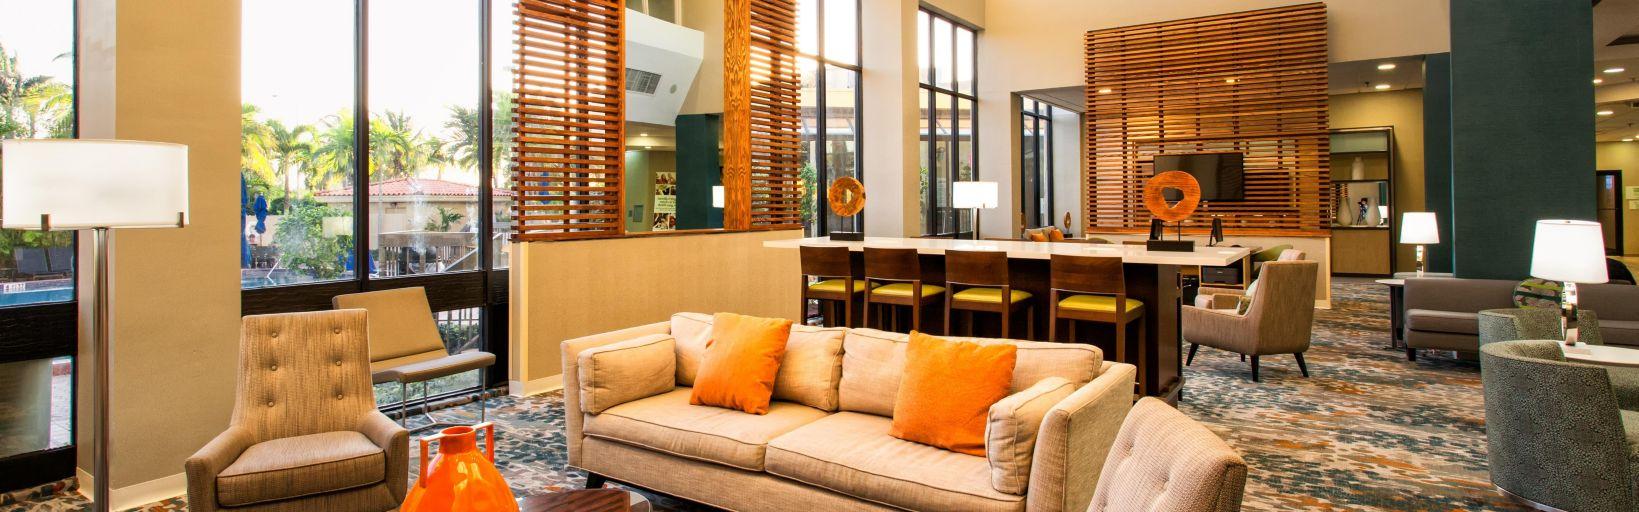 Holiday Inn Miami West - Hialeah Gardens Hotel by IHG